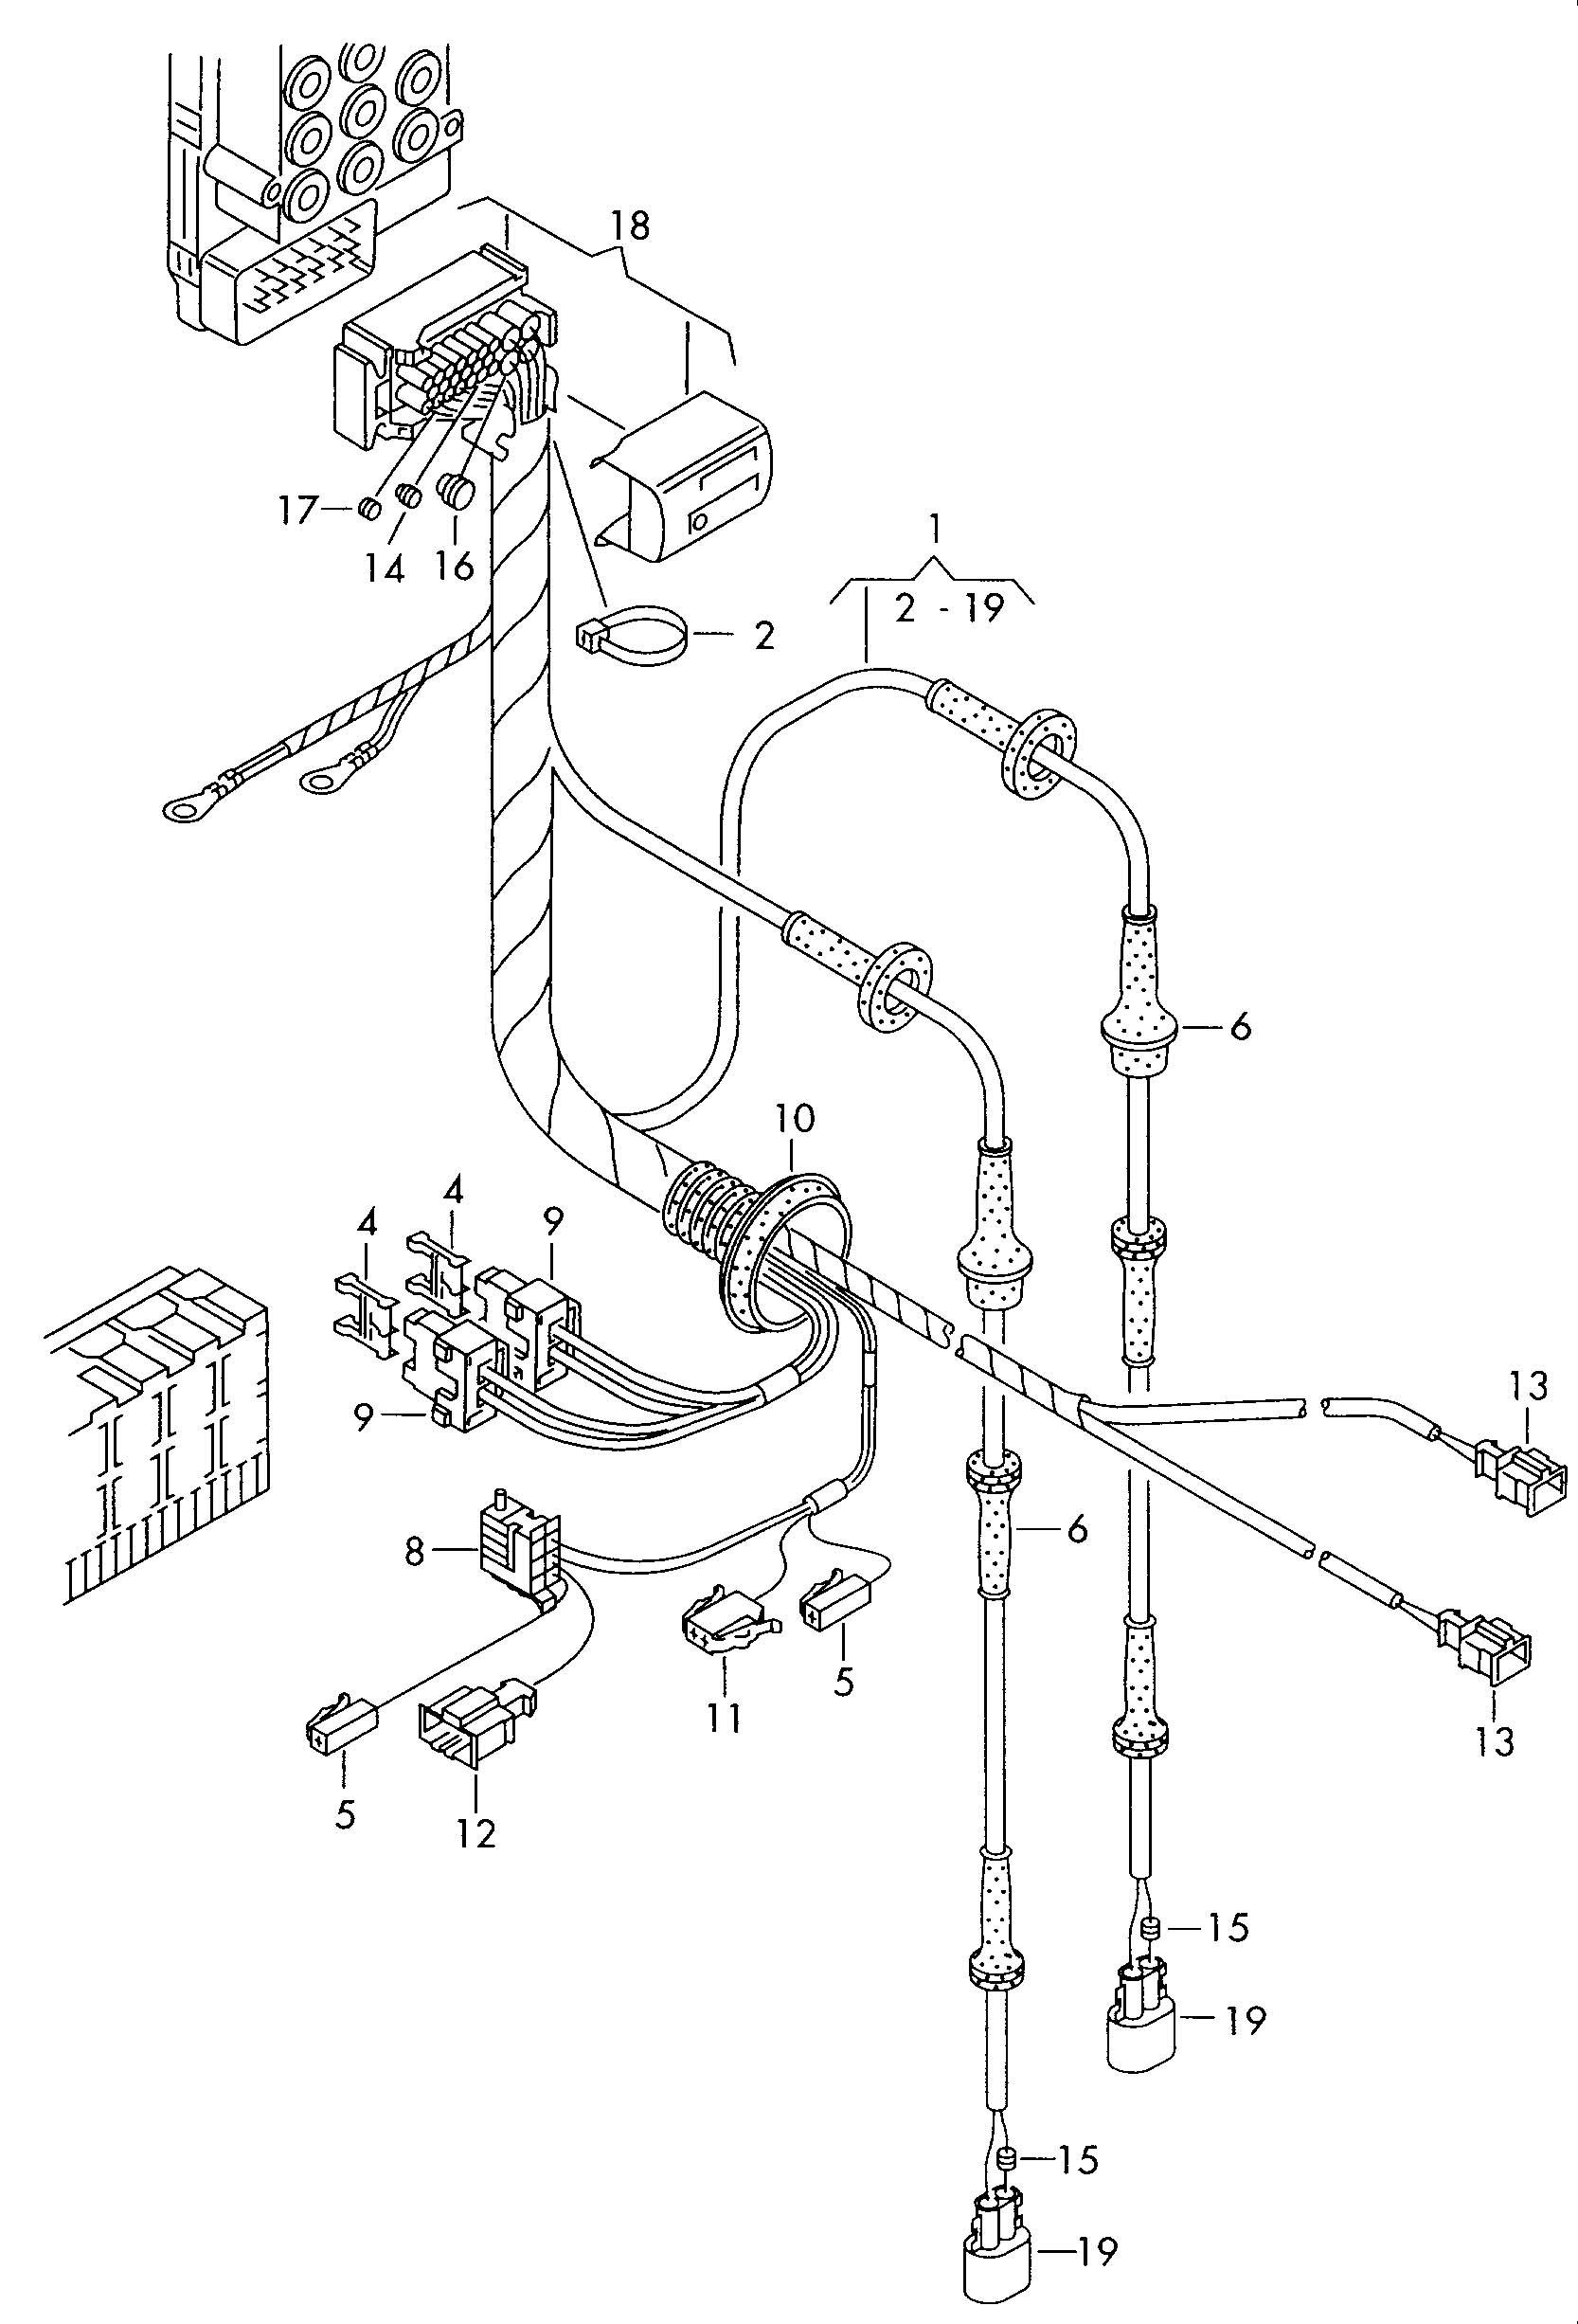 1985 Vw Cabriolet Wiring Diagram Libraries Cabrio Auto Electrical Diagram1985